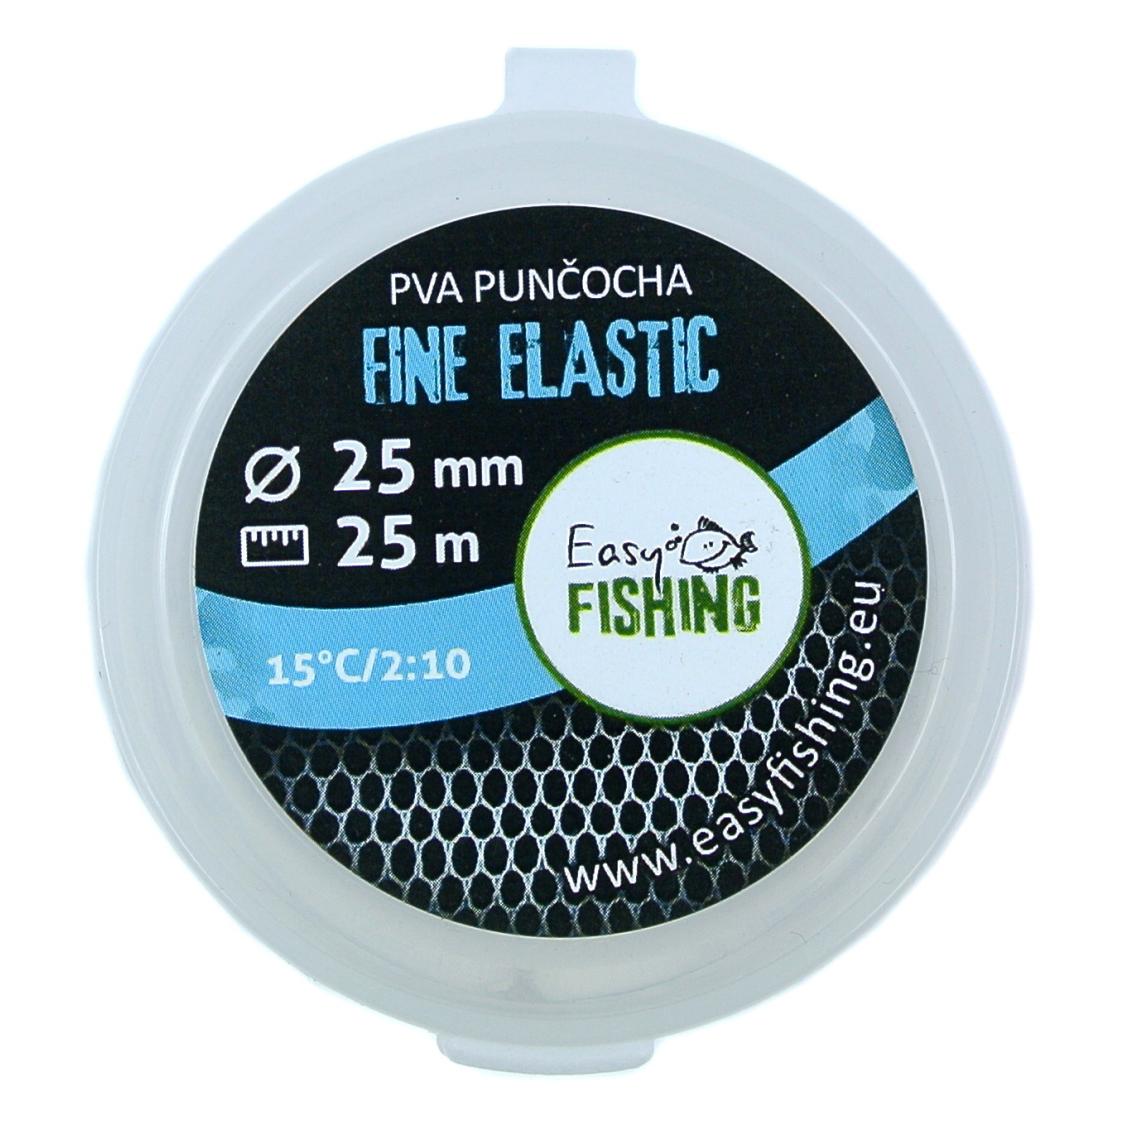 EasyFISHING 25m náhradní - PVA punčocha ELASTIC FINE 25mm